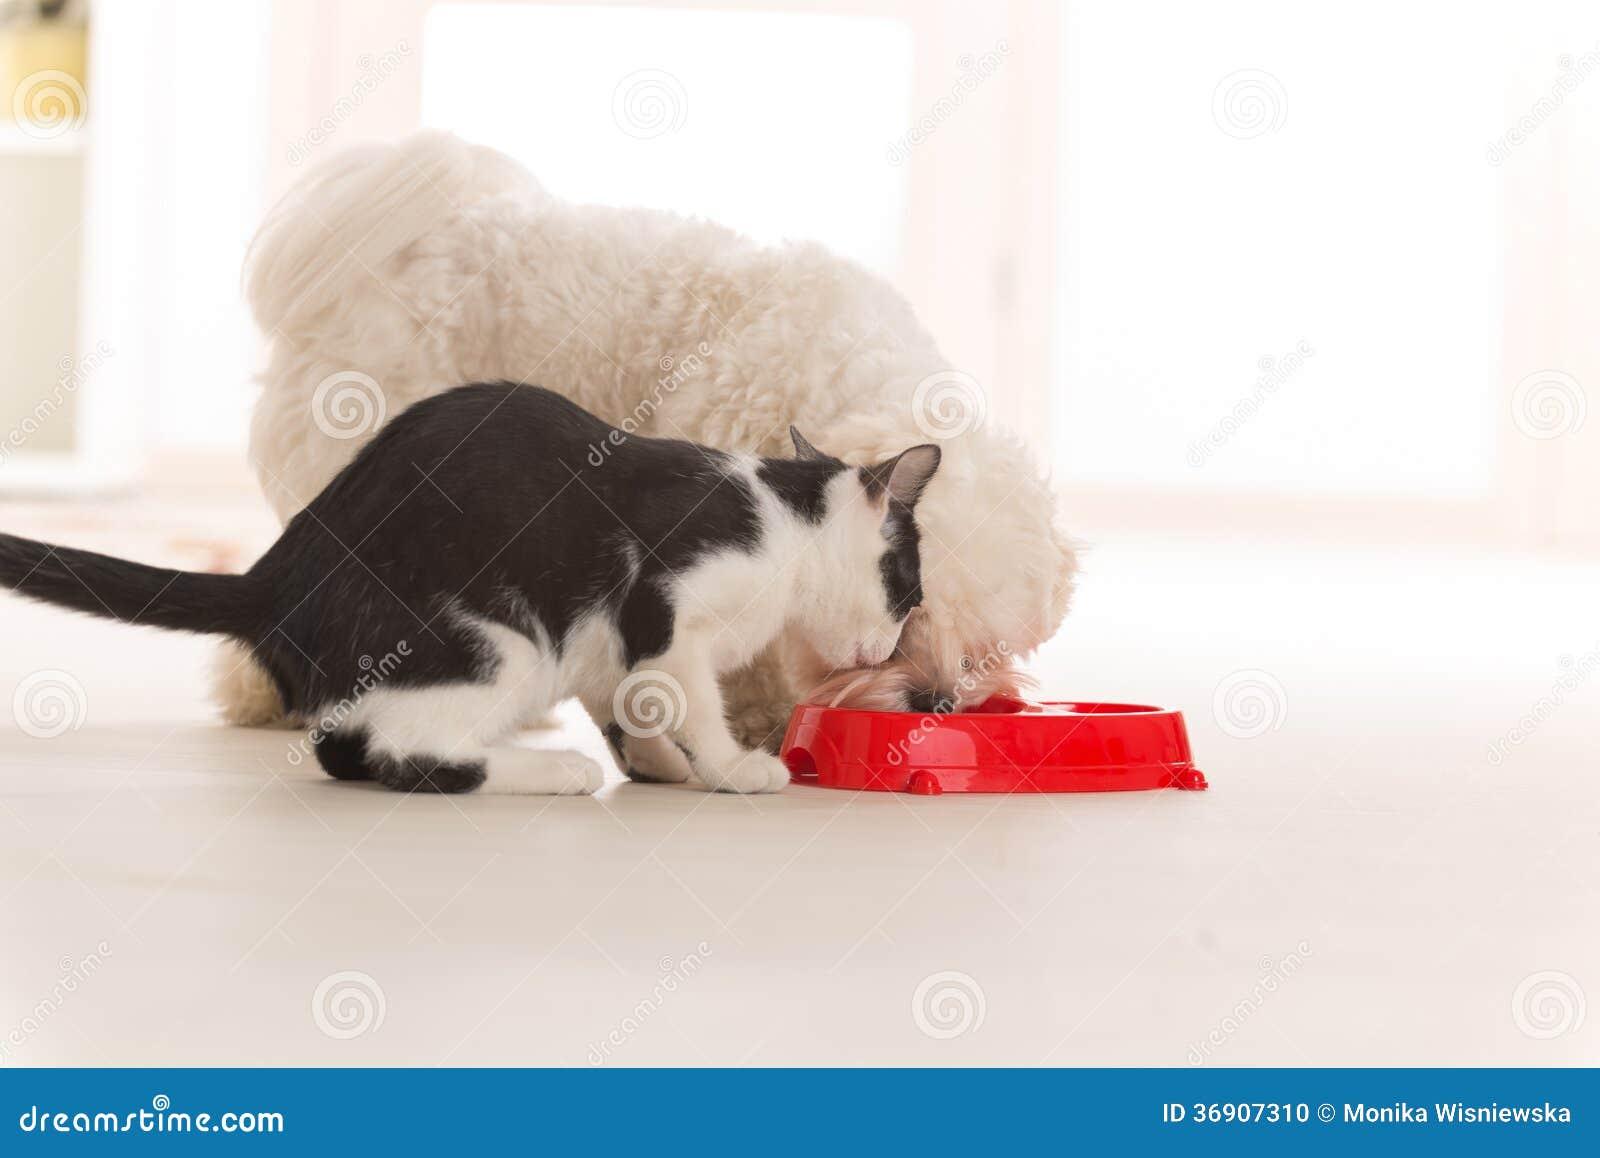 Cane e gatto che mangiano alimento da una ciotola